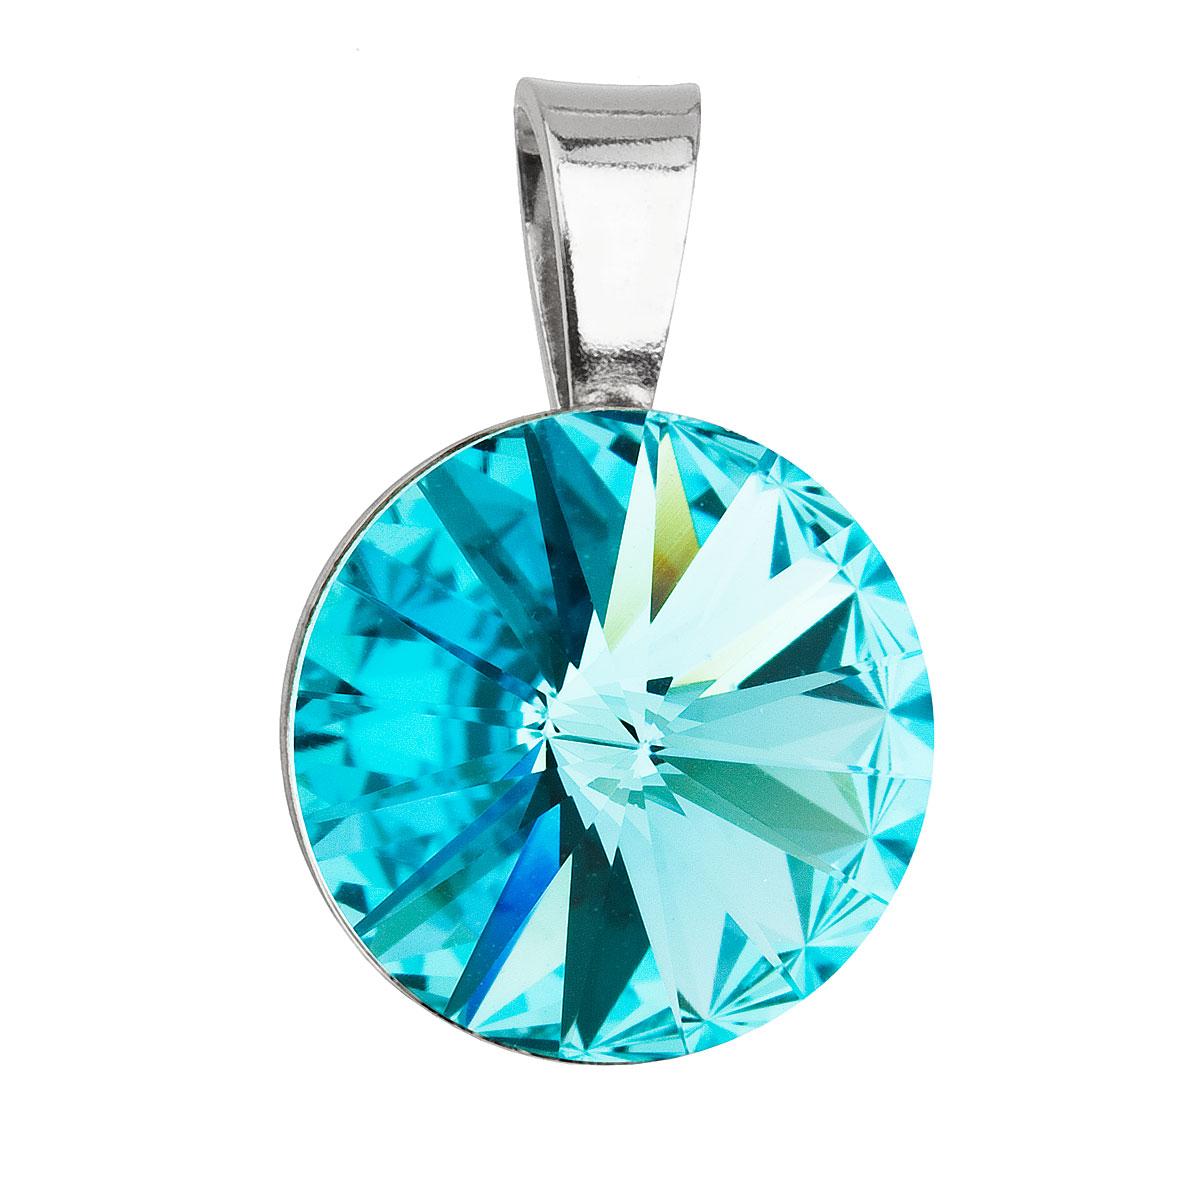 Evolution Group Stříbrný přívěsek s krystaly Swarovski modrý kulatý-rivoli 34112.3 light turquoise